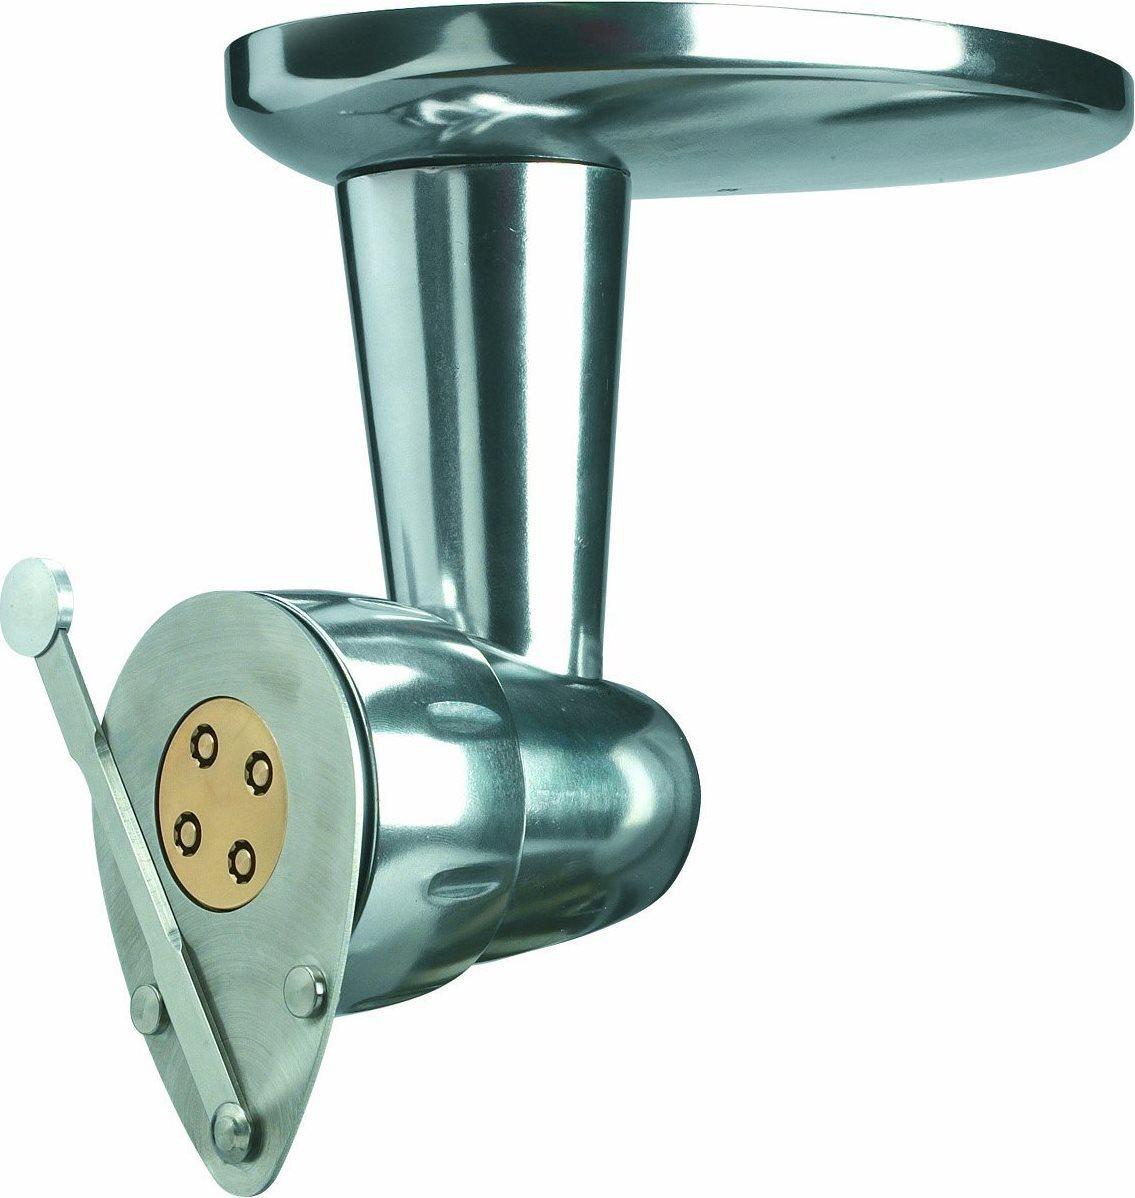 Kenwood torchio per pasta accessorio per robot da cucina at910 52018 - Accessori per robot da cucina kenwood ...